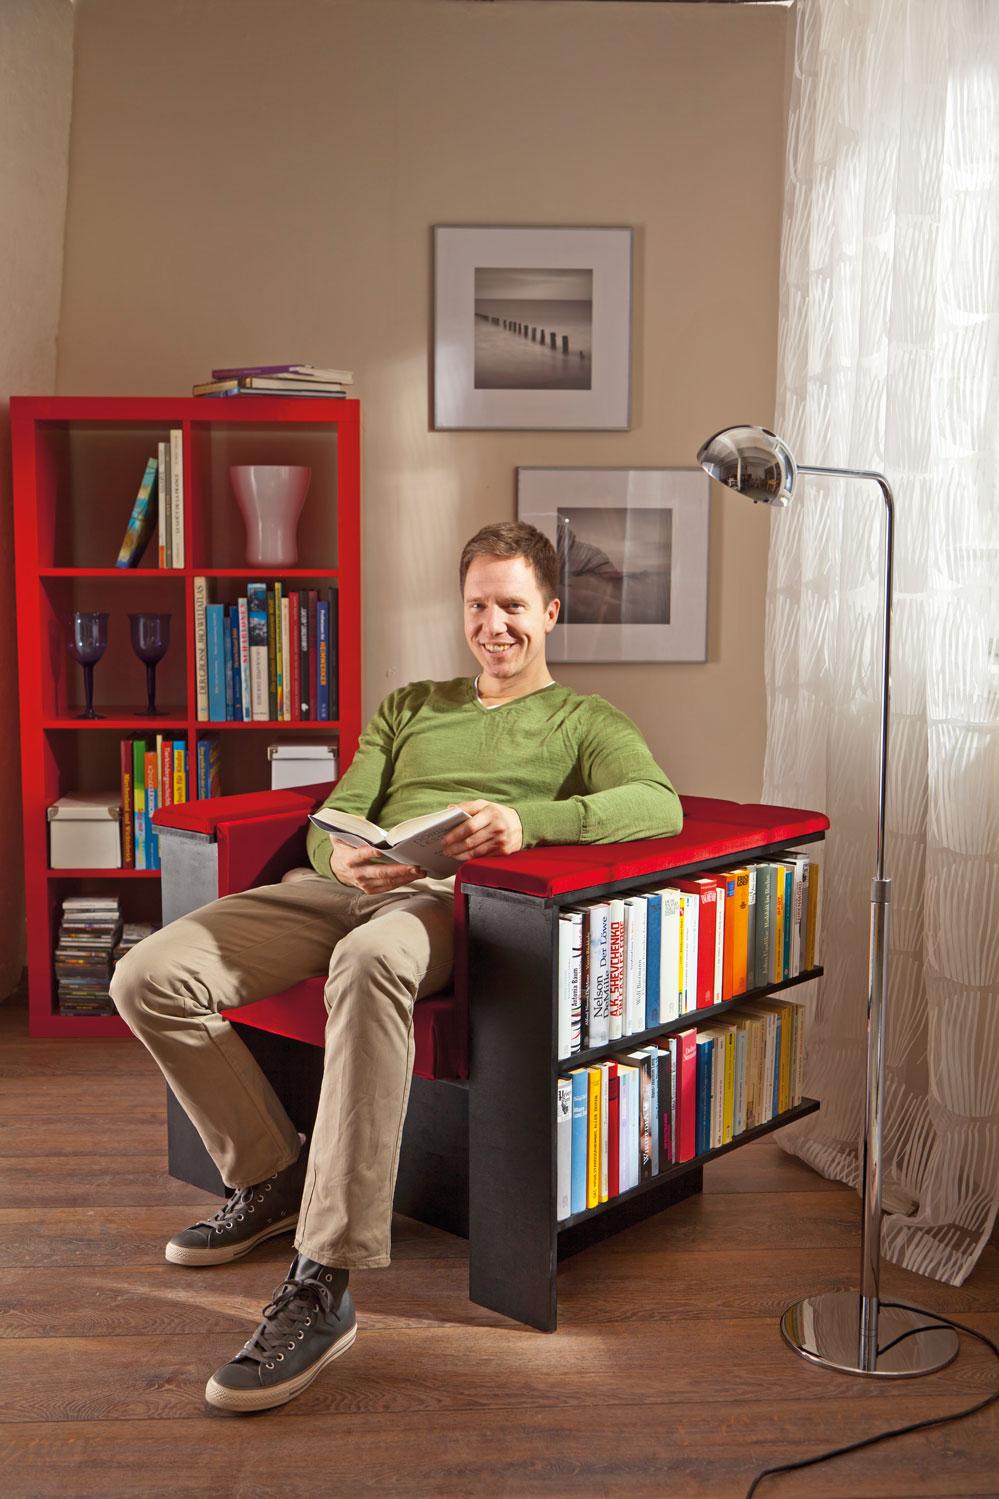 Πολυθρόνα-βιβλιοθήκη - Μαστορέματα